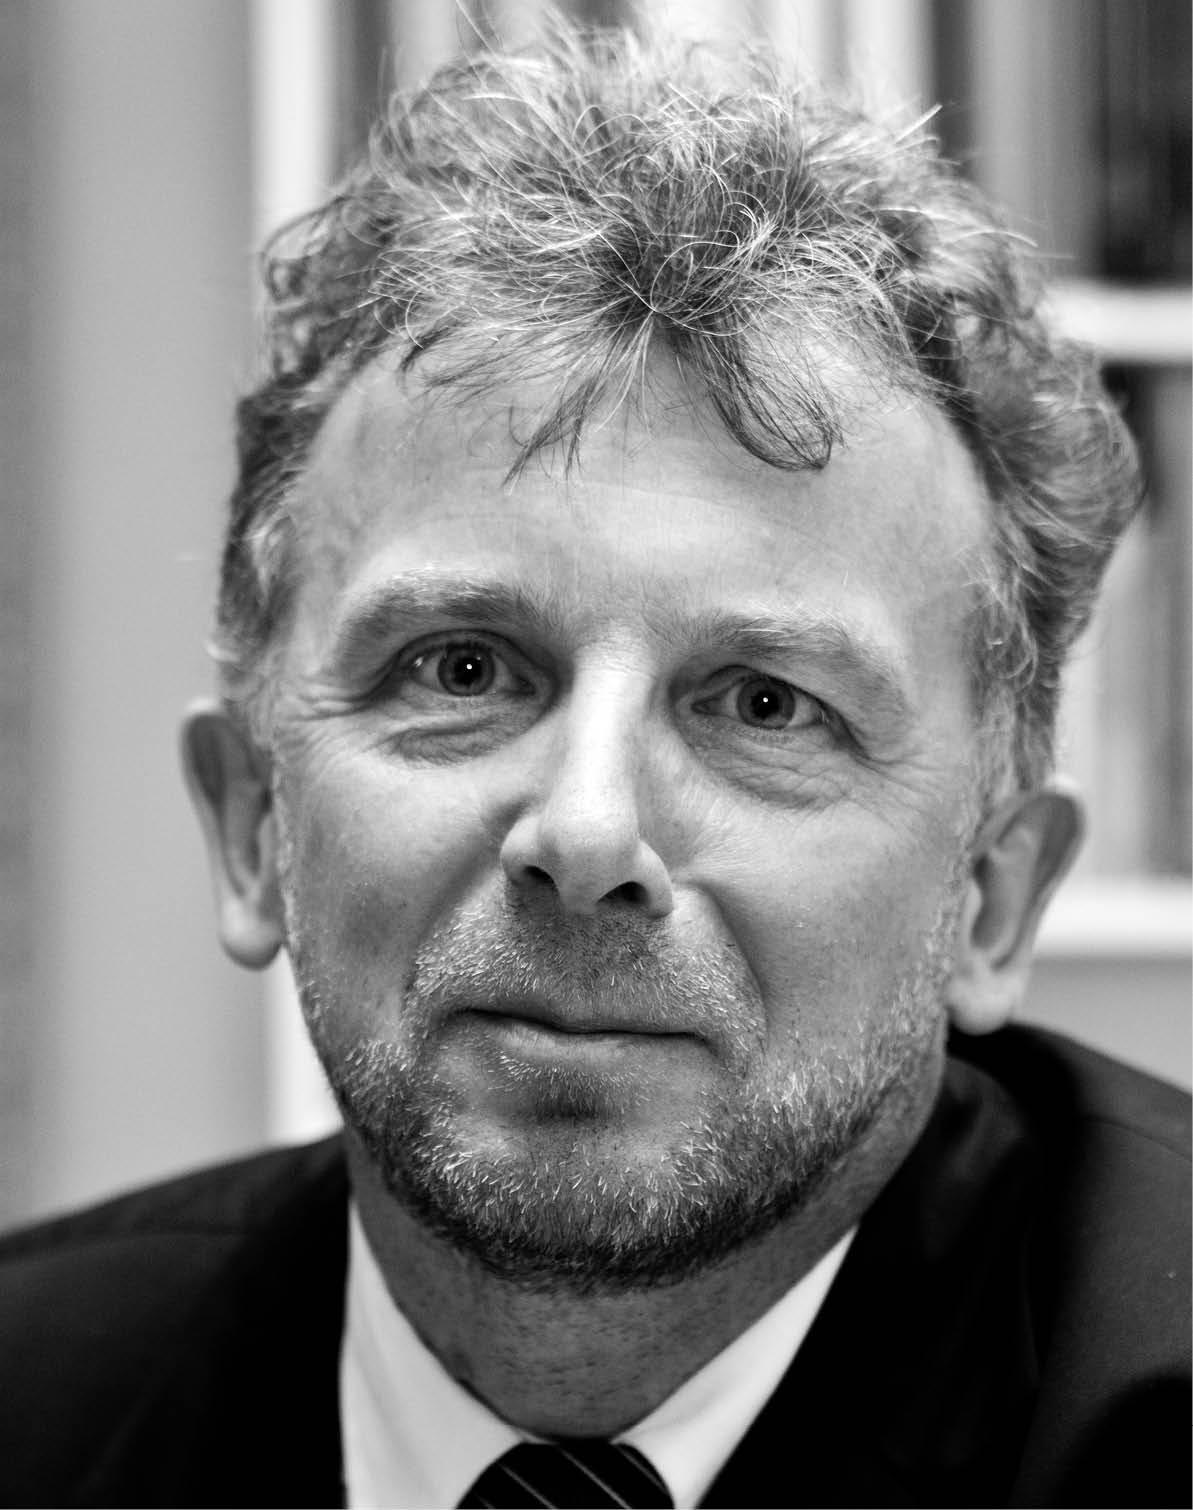 IRENEUSZ C. KAMIŃSKI profesor w zakładzie prawa międzynarodowego publicznego Instytutu Nauk Prawnych PAN, były sędzia ad hoc Europejskiego Trybunału Praw Człowieka